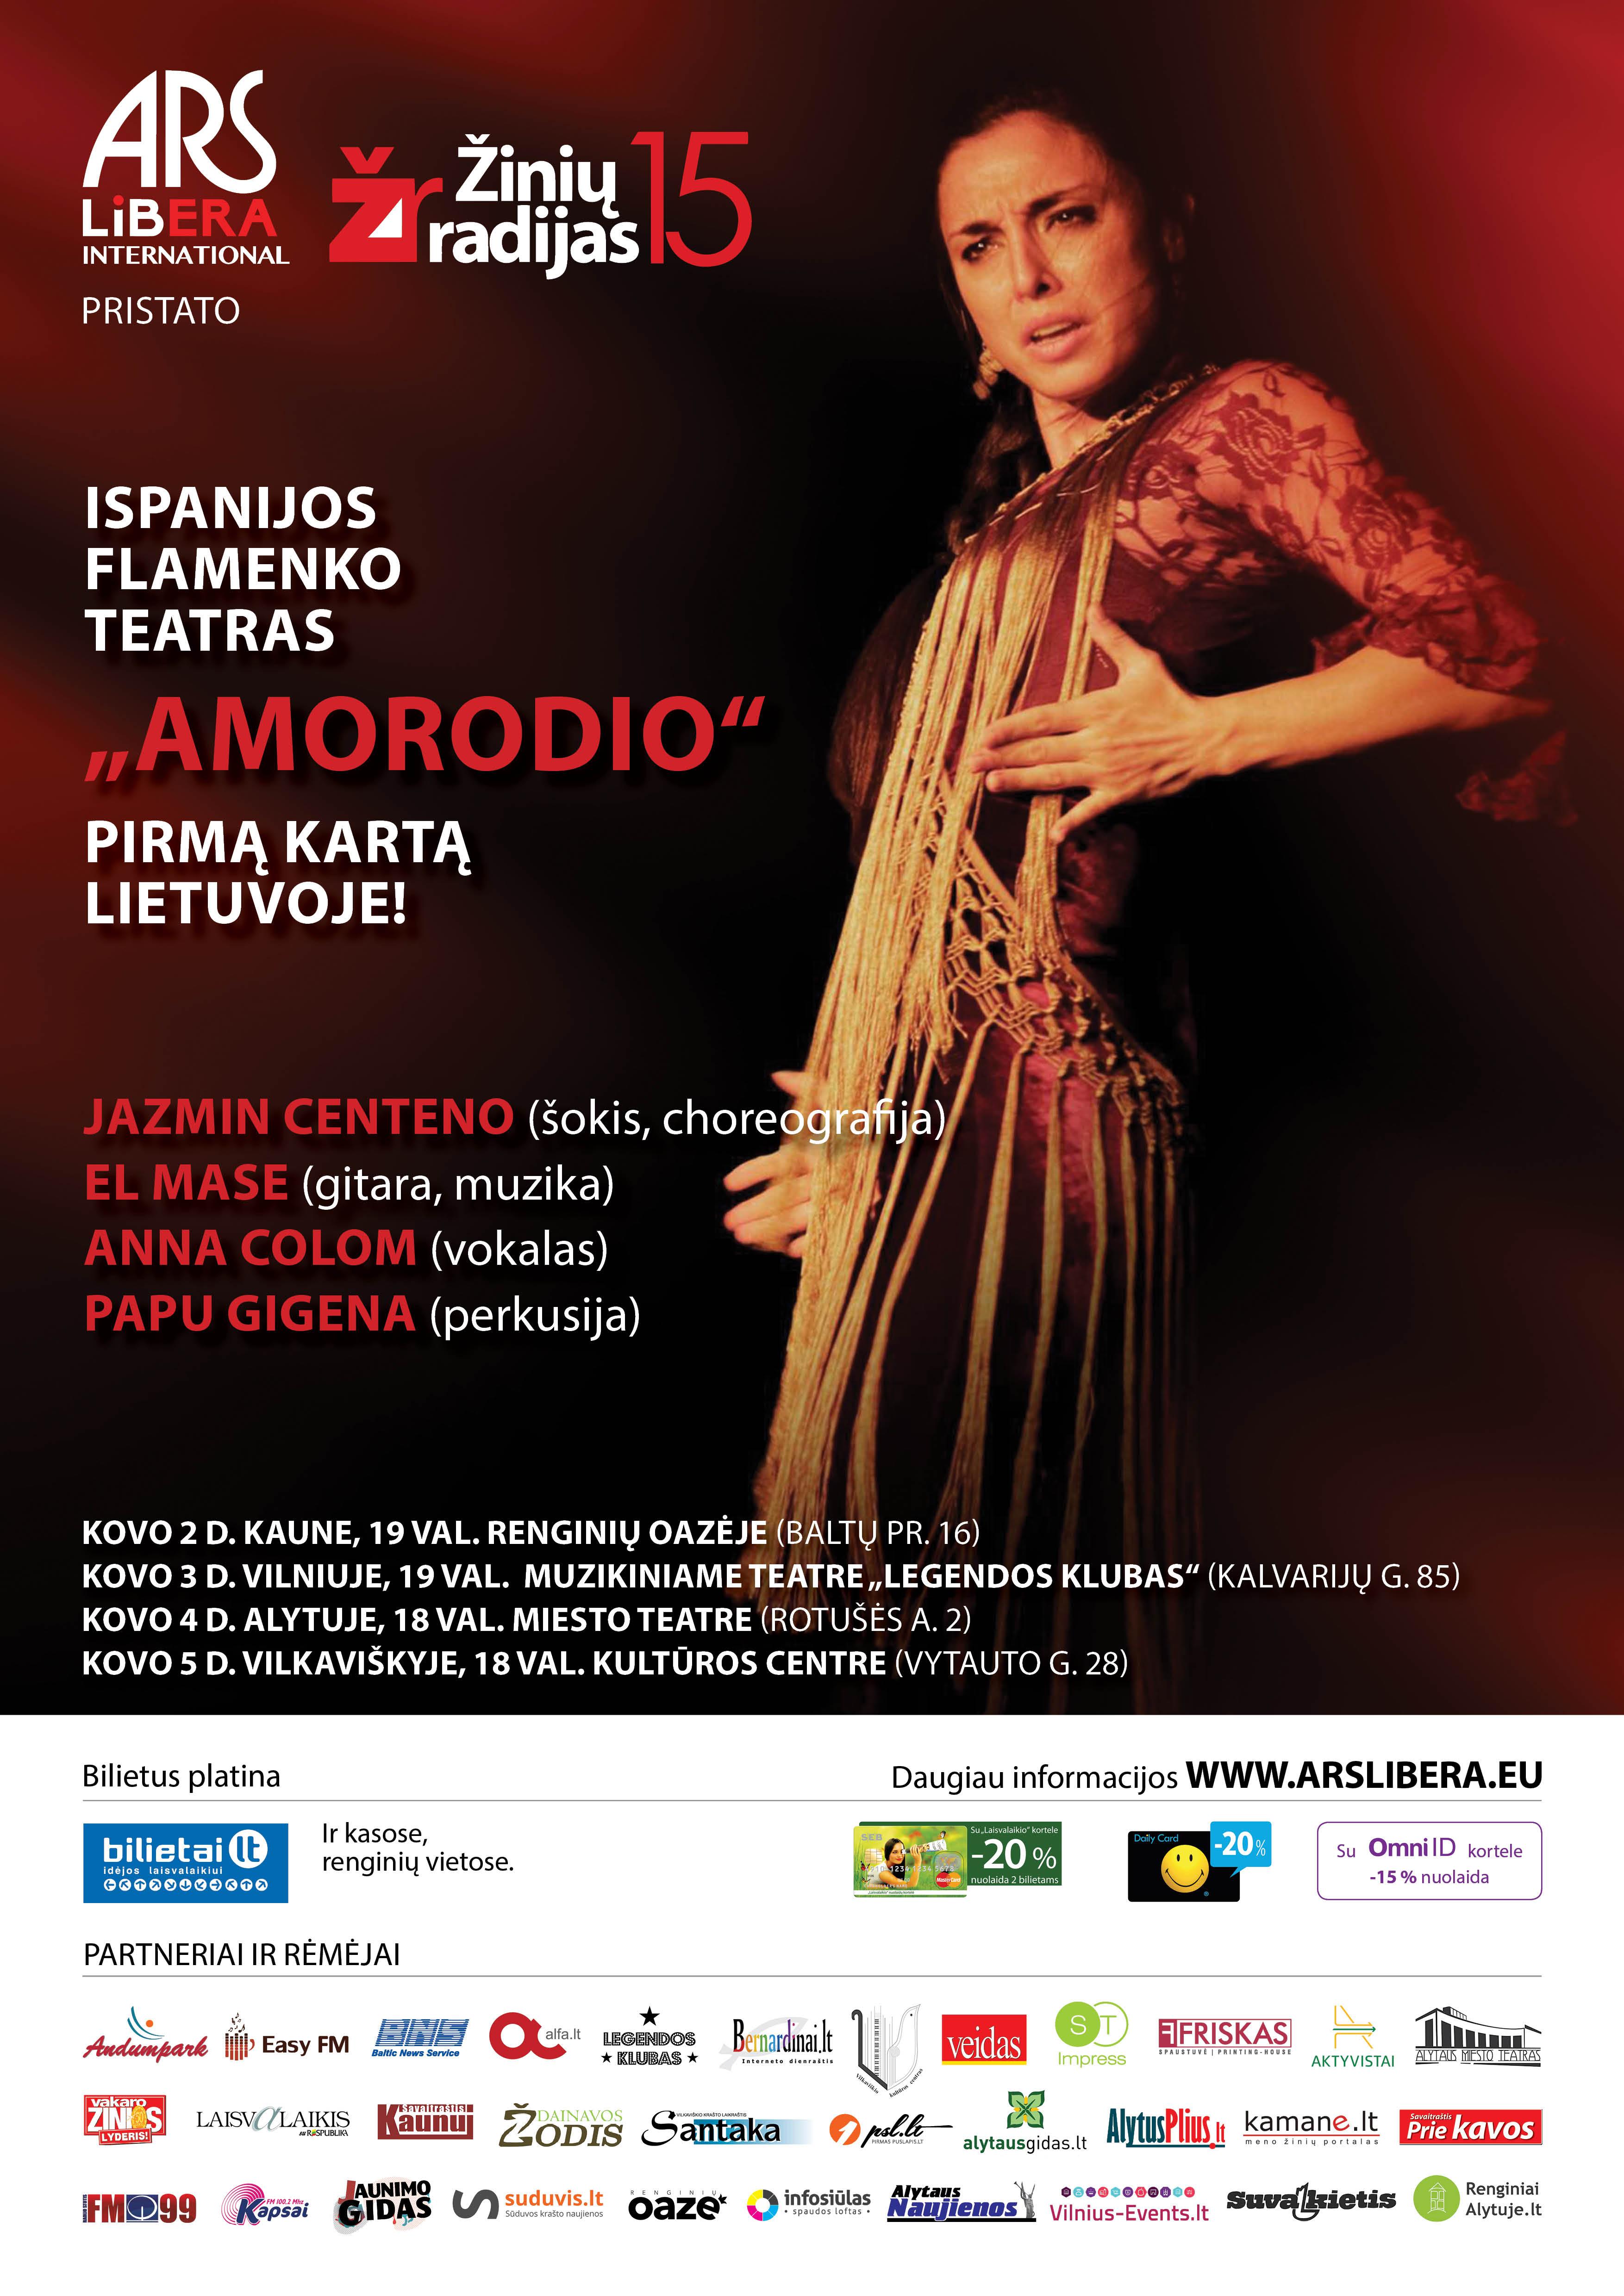 ARS_Libera_Flamenko_teatras_JPG